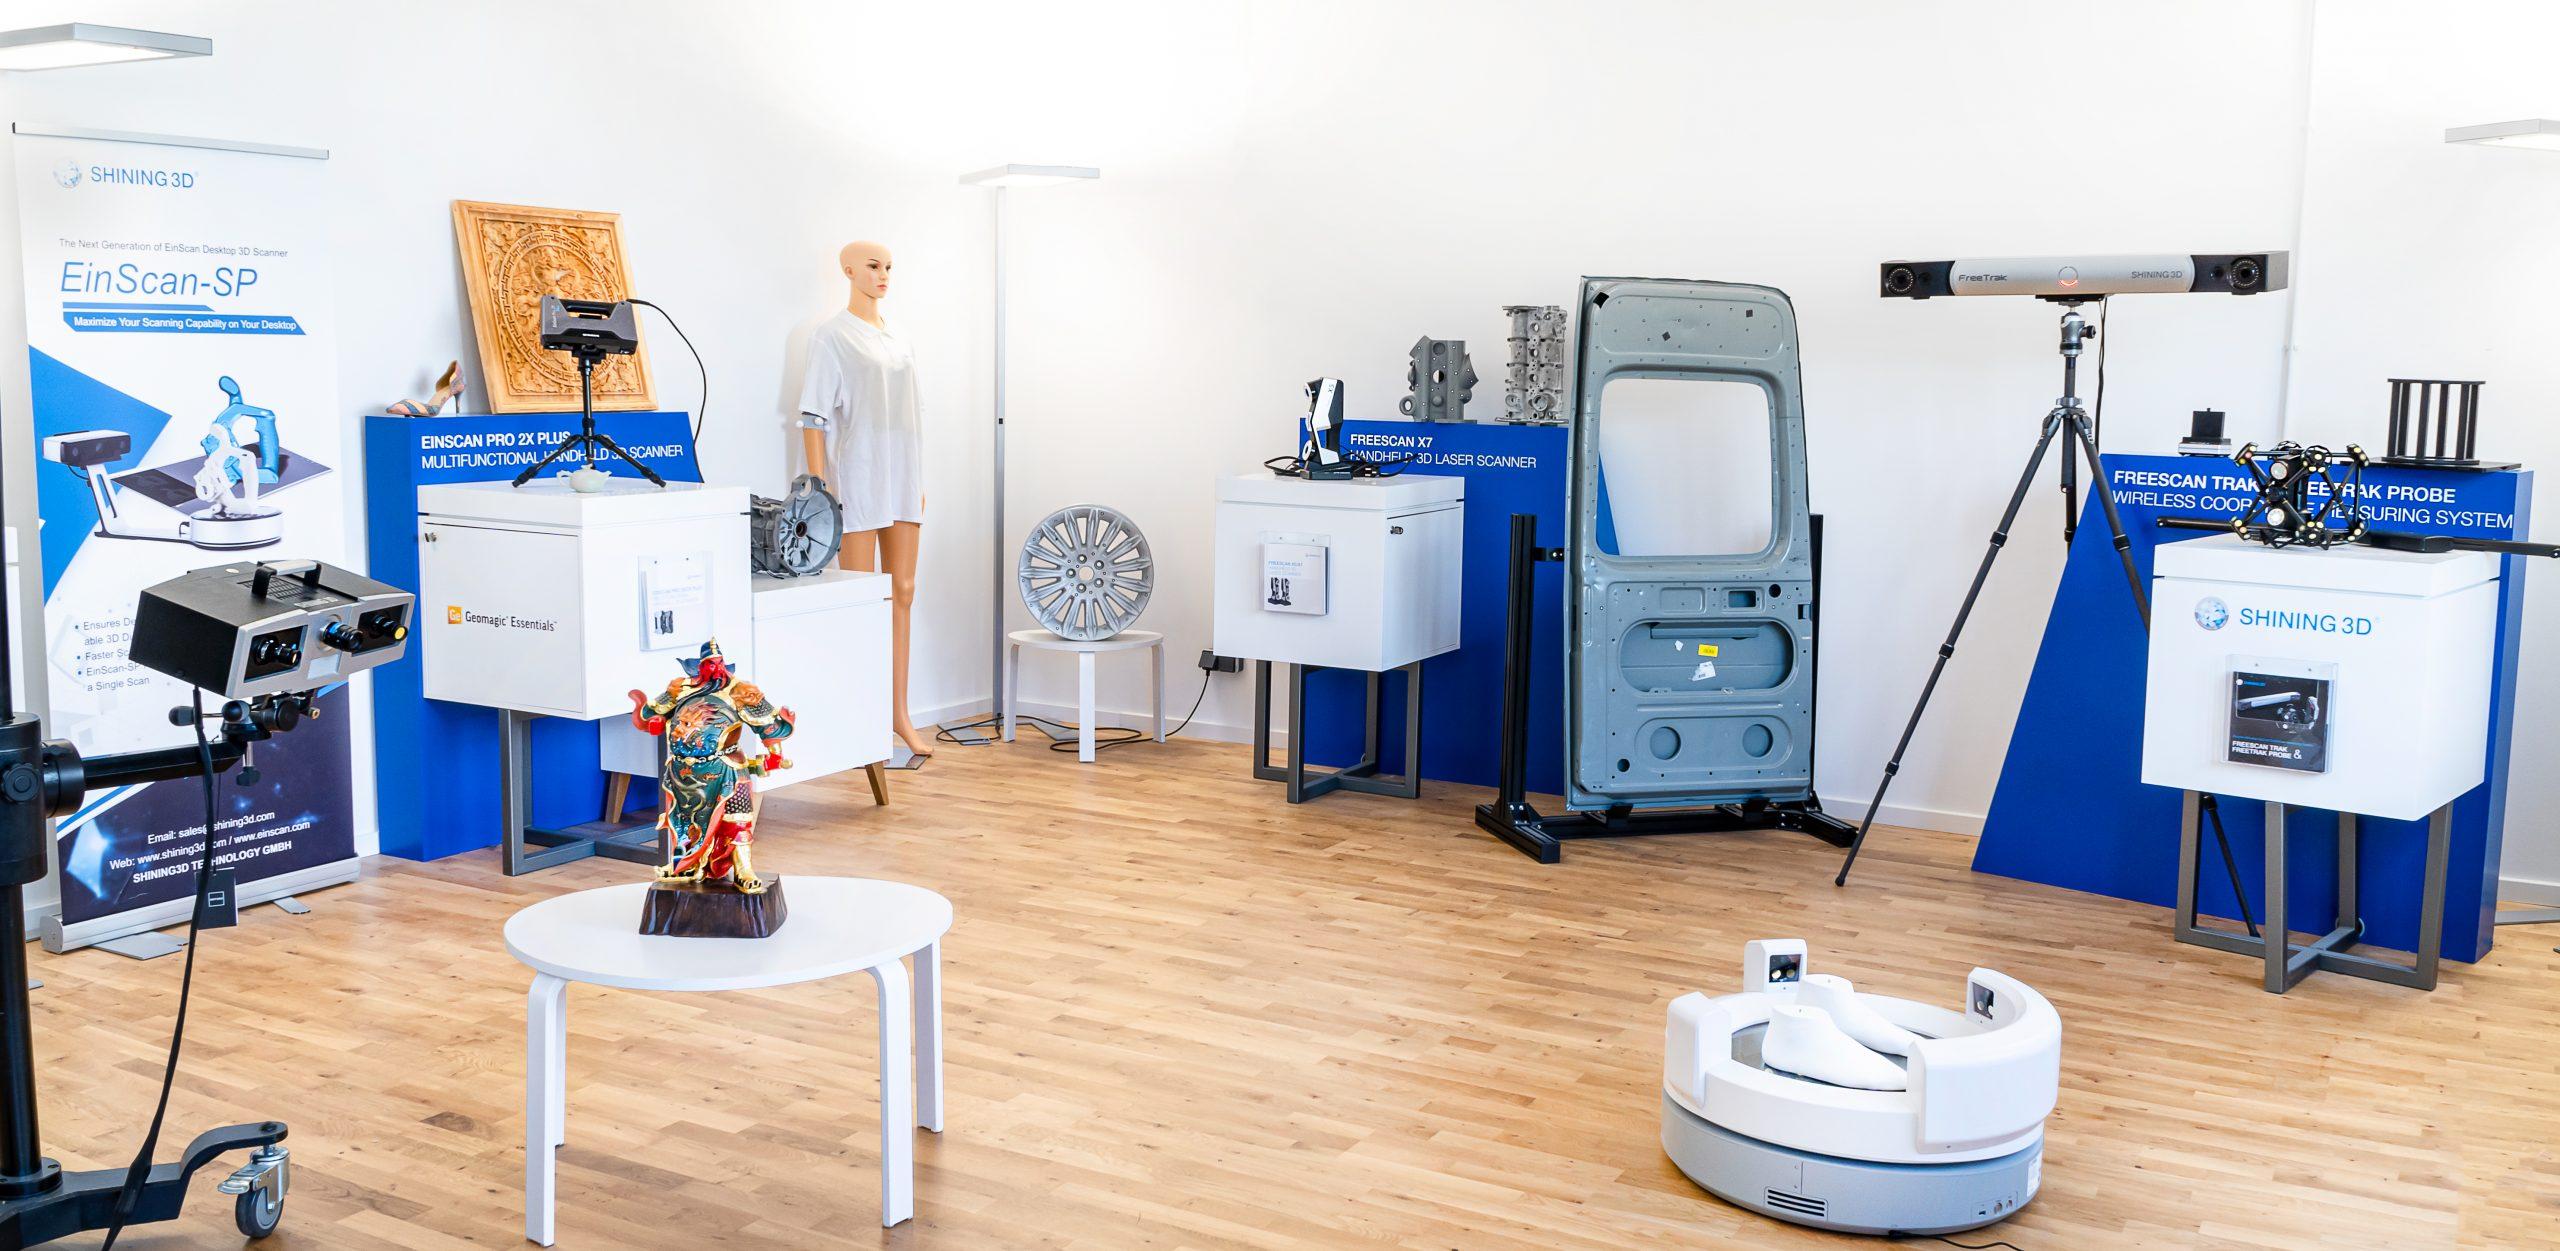 SHINING 3D Büro Innenansicht